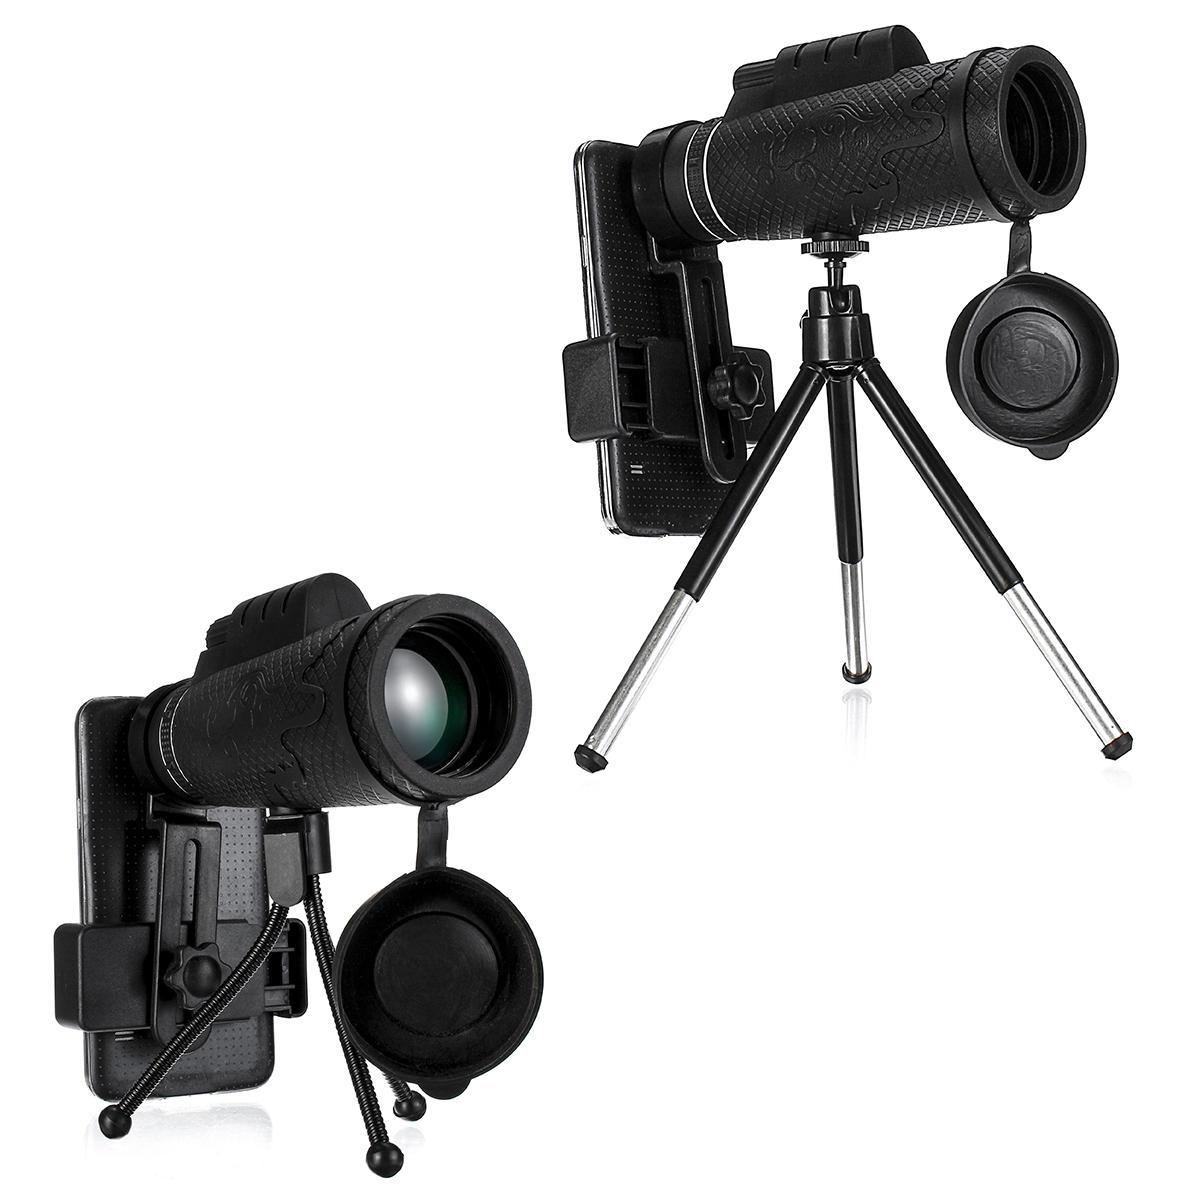 50x60 HD Zoom ottico lente Monocoli per telescopio da esterno campeggio Caccia fotografica con treppiede